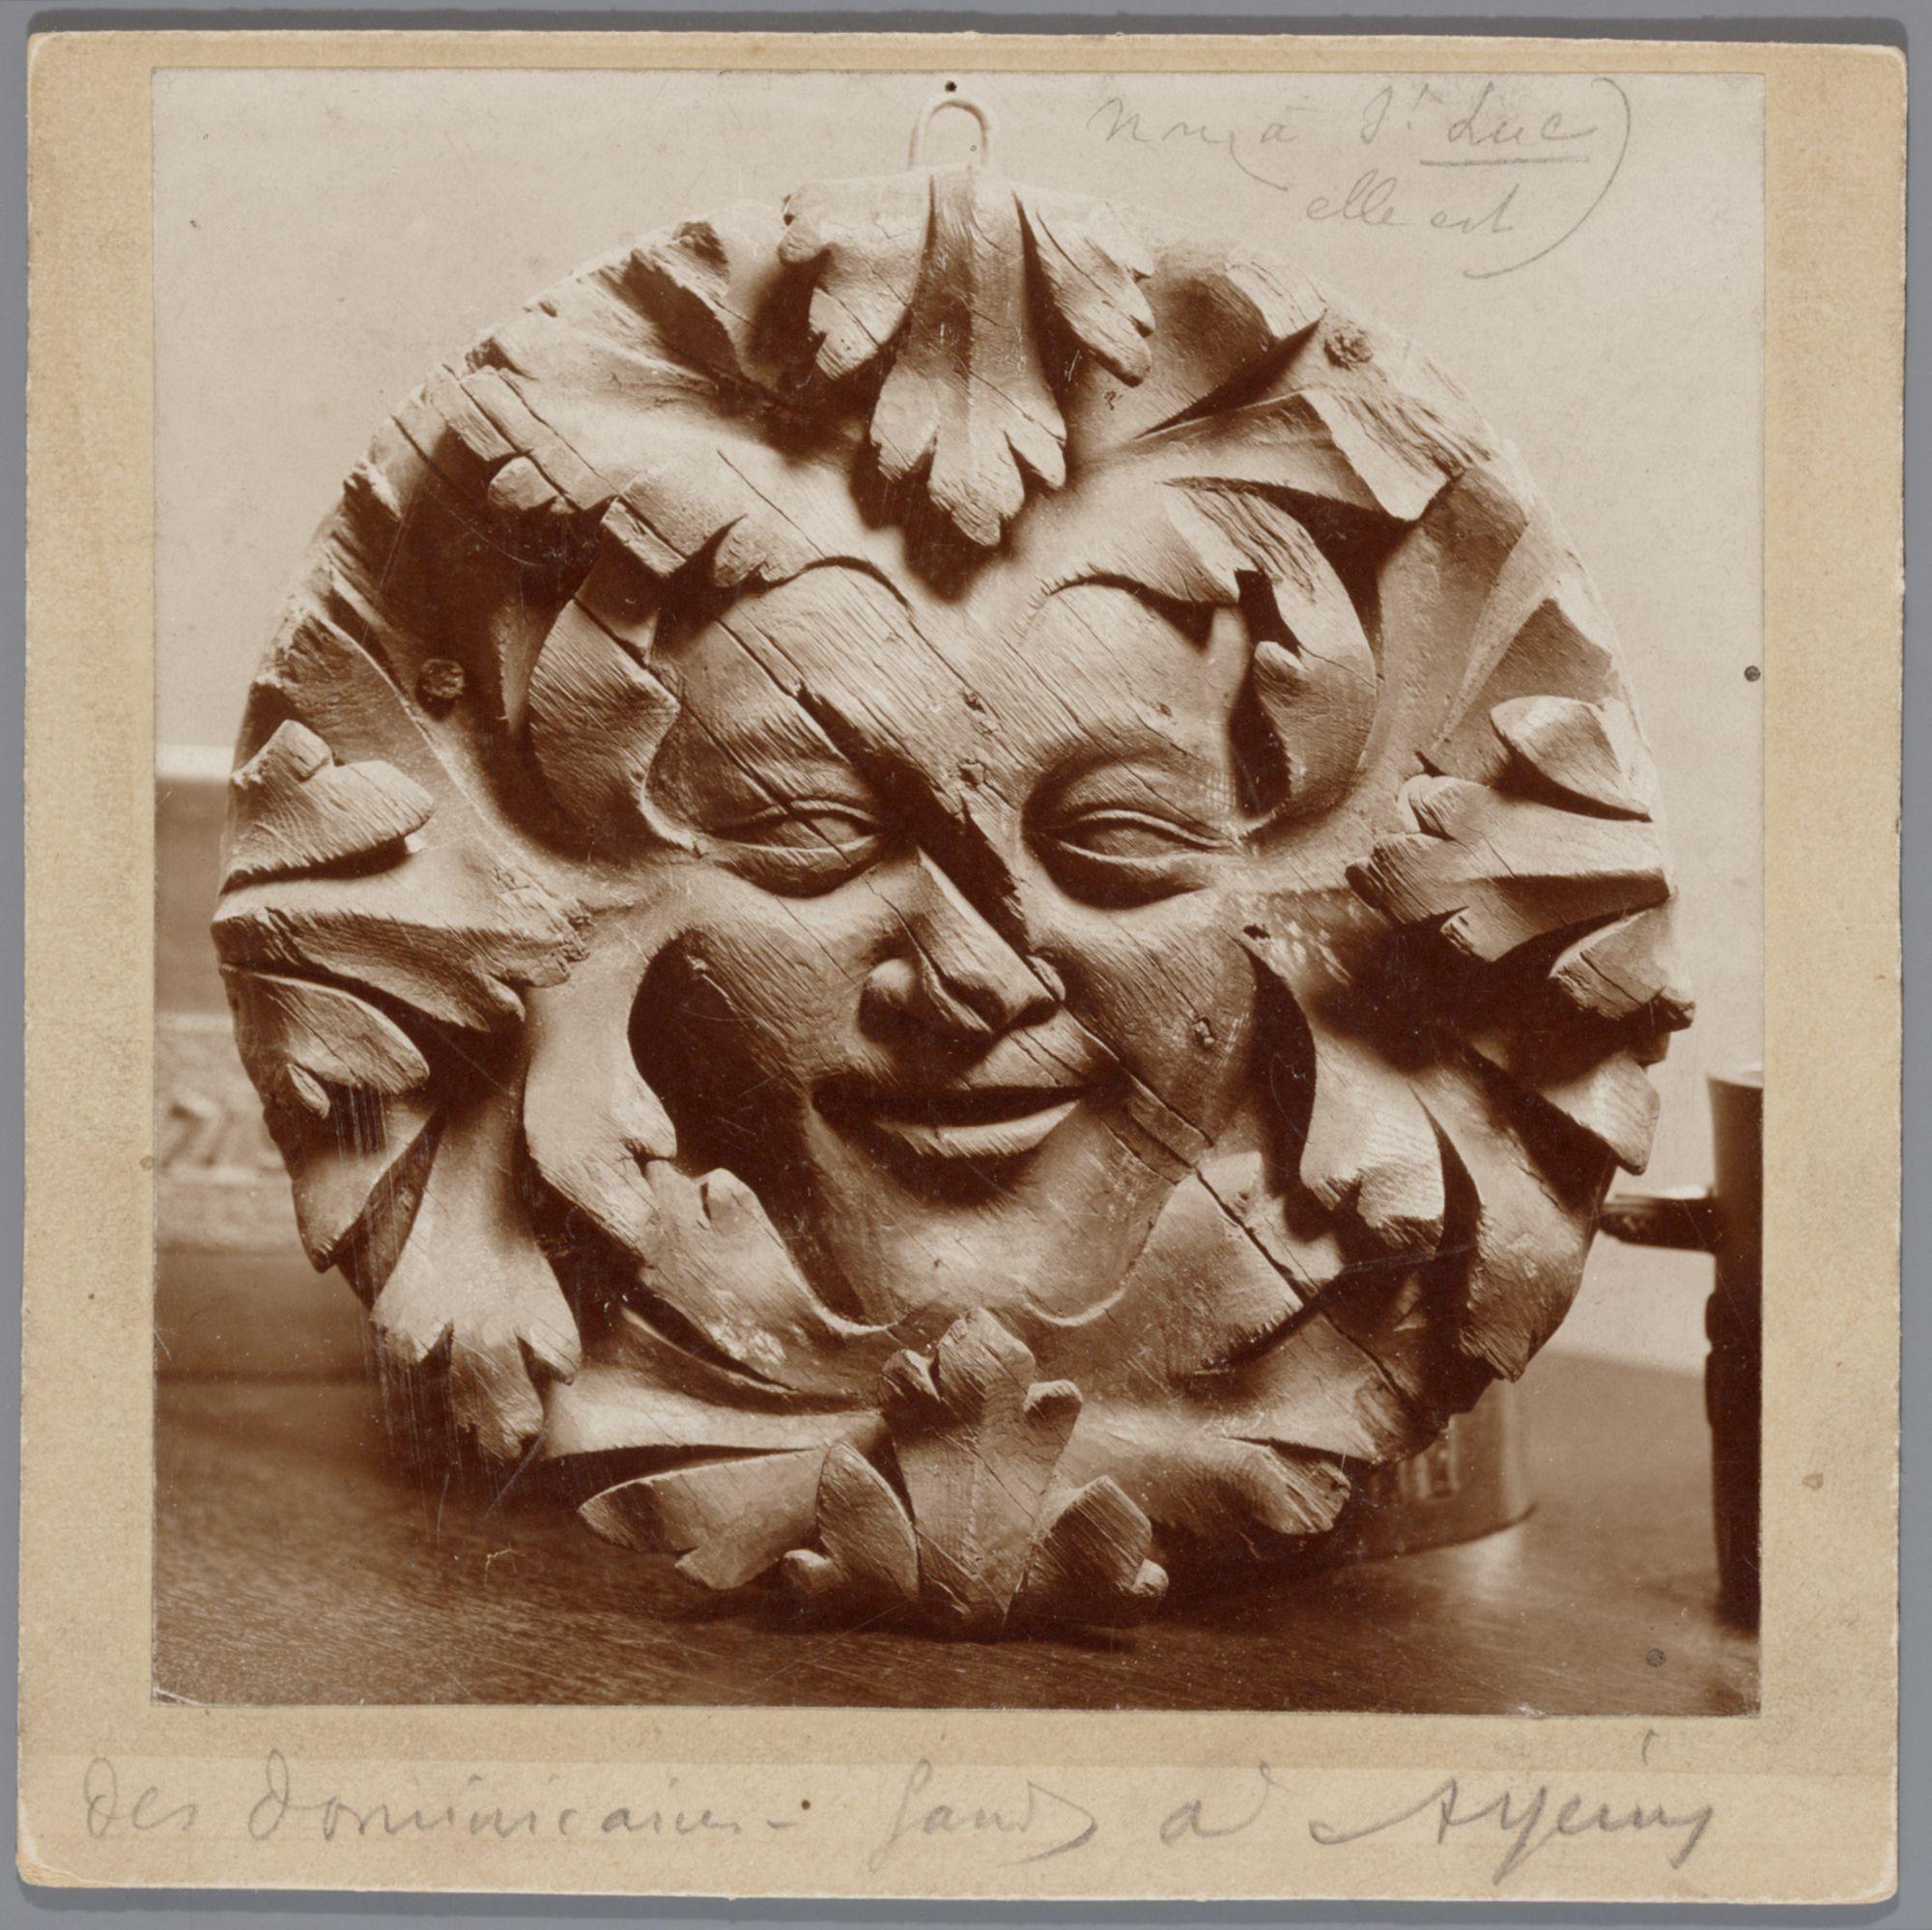 Gent: Houten beeldhouwwerk met voorstelling van menselijk gezicht, Dominicanenklooster